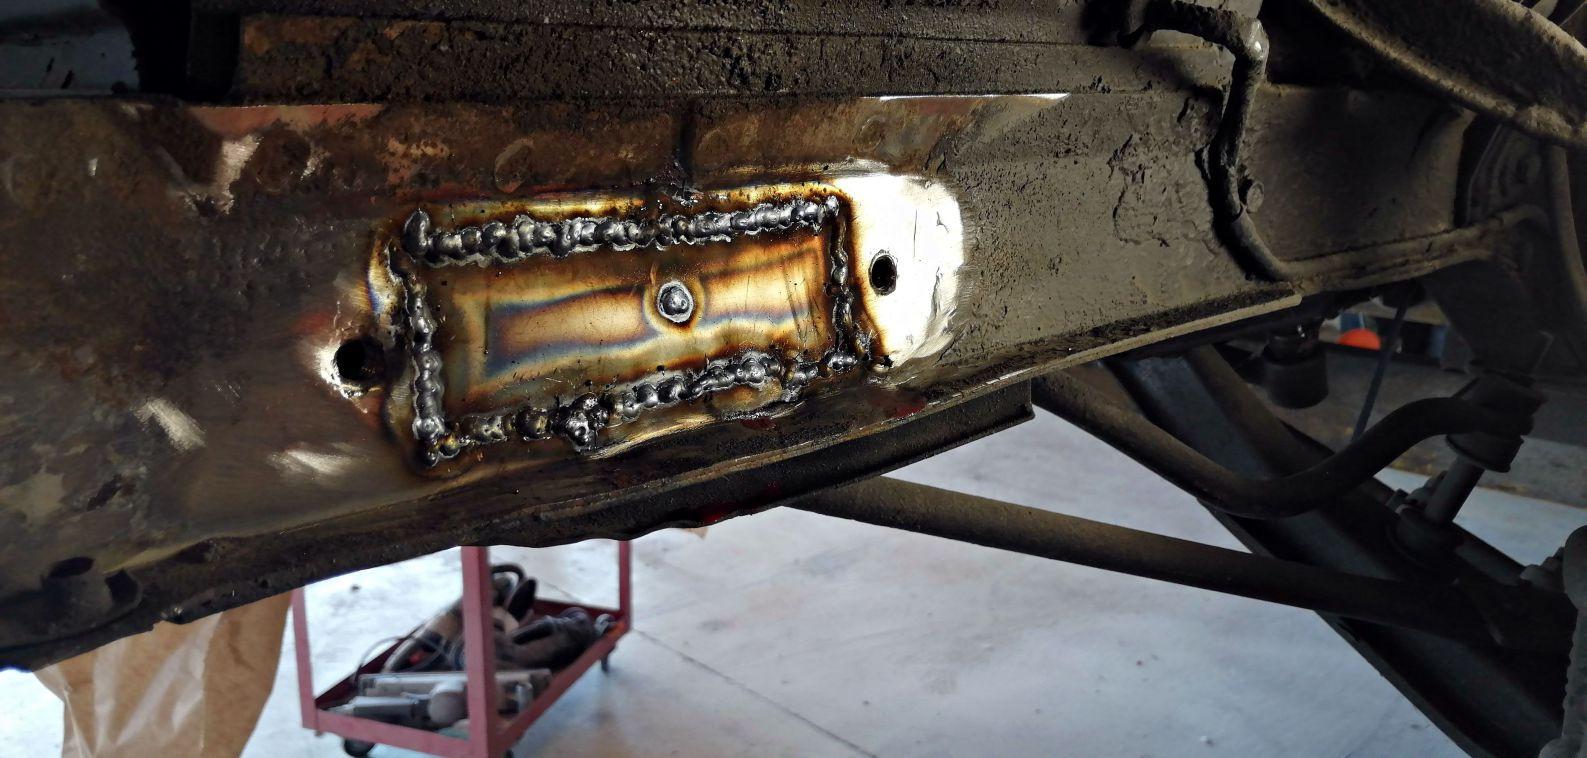 Réparation support de pare-choc avant droit - FORD Mustang Fastback